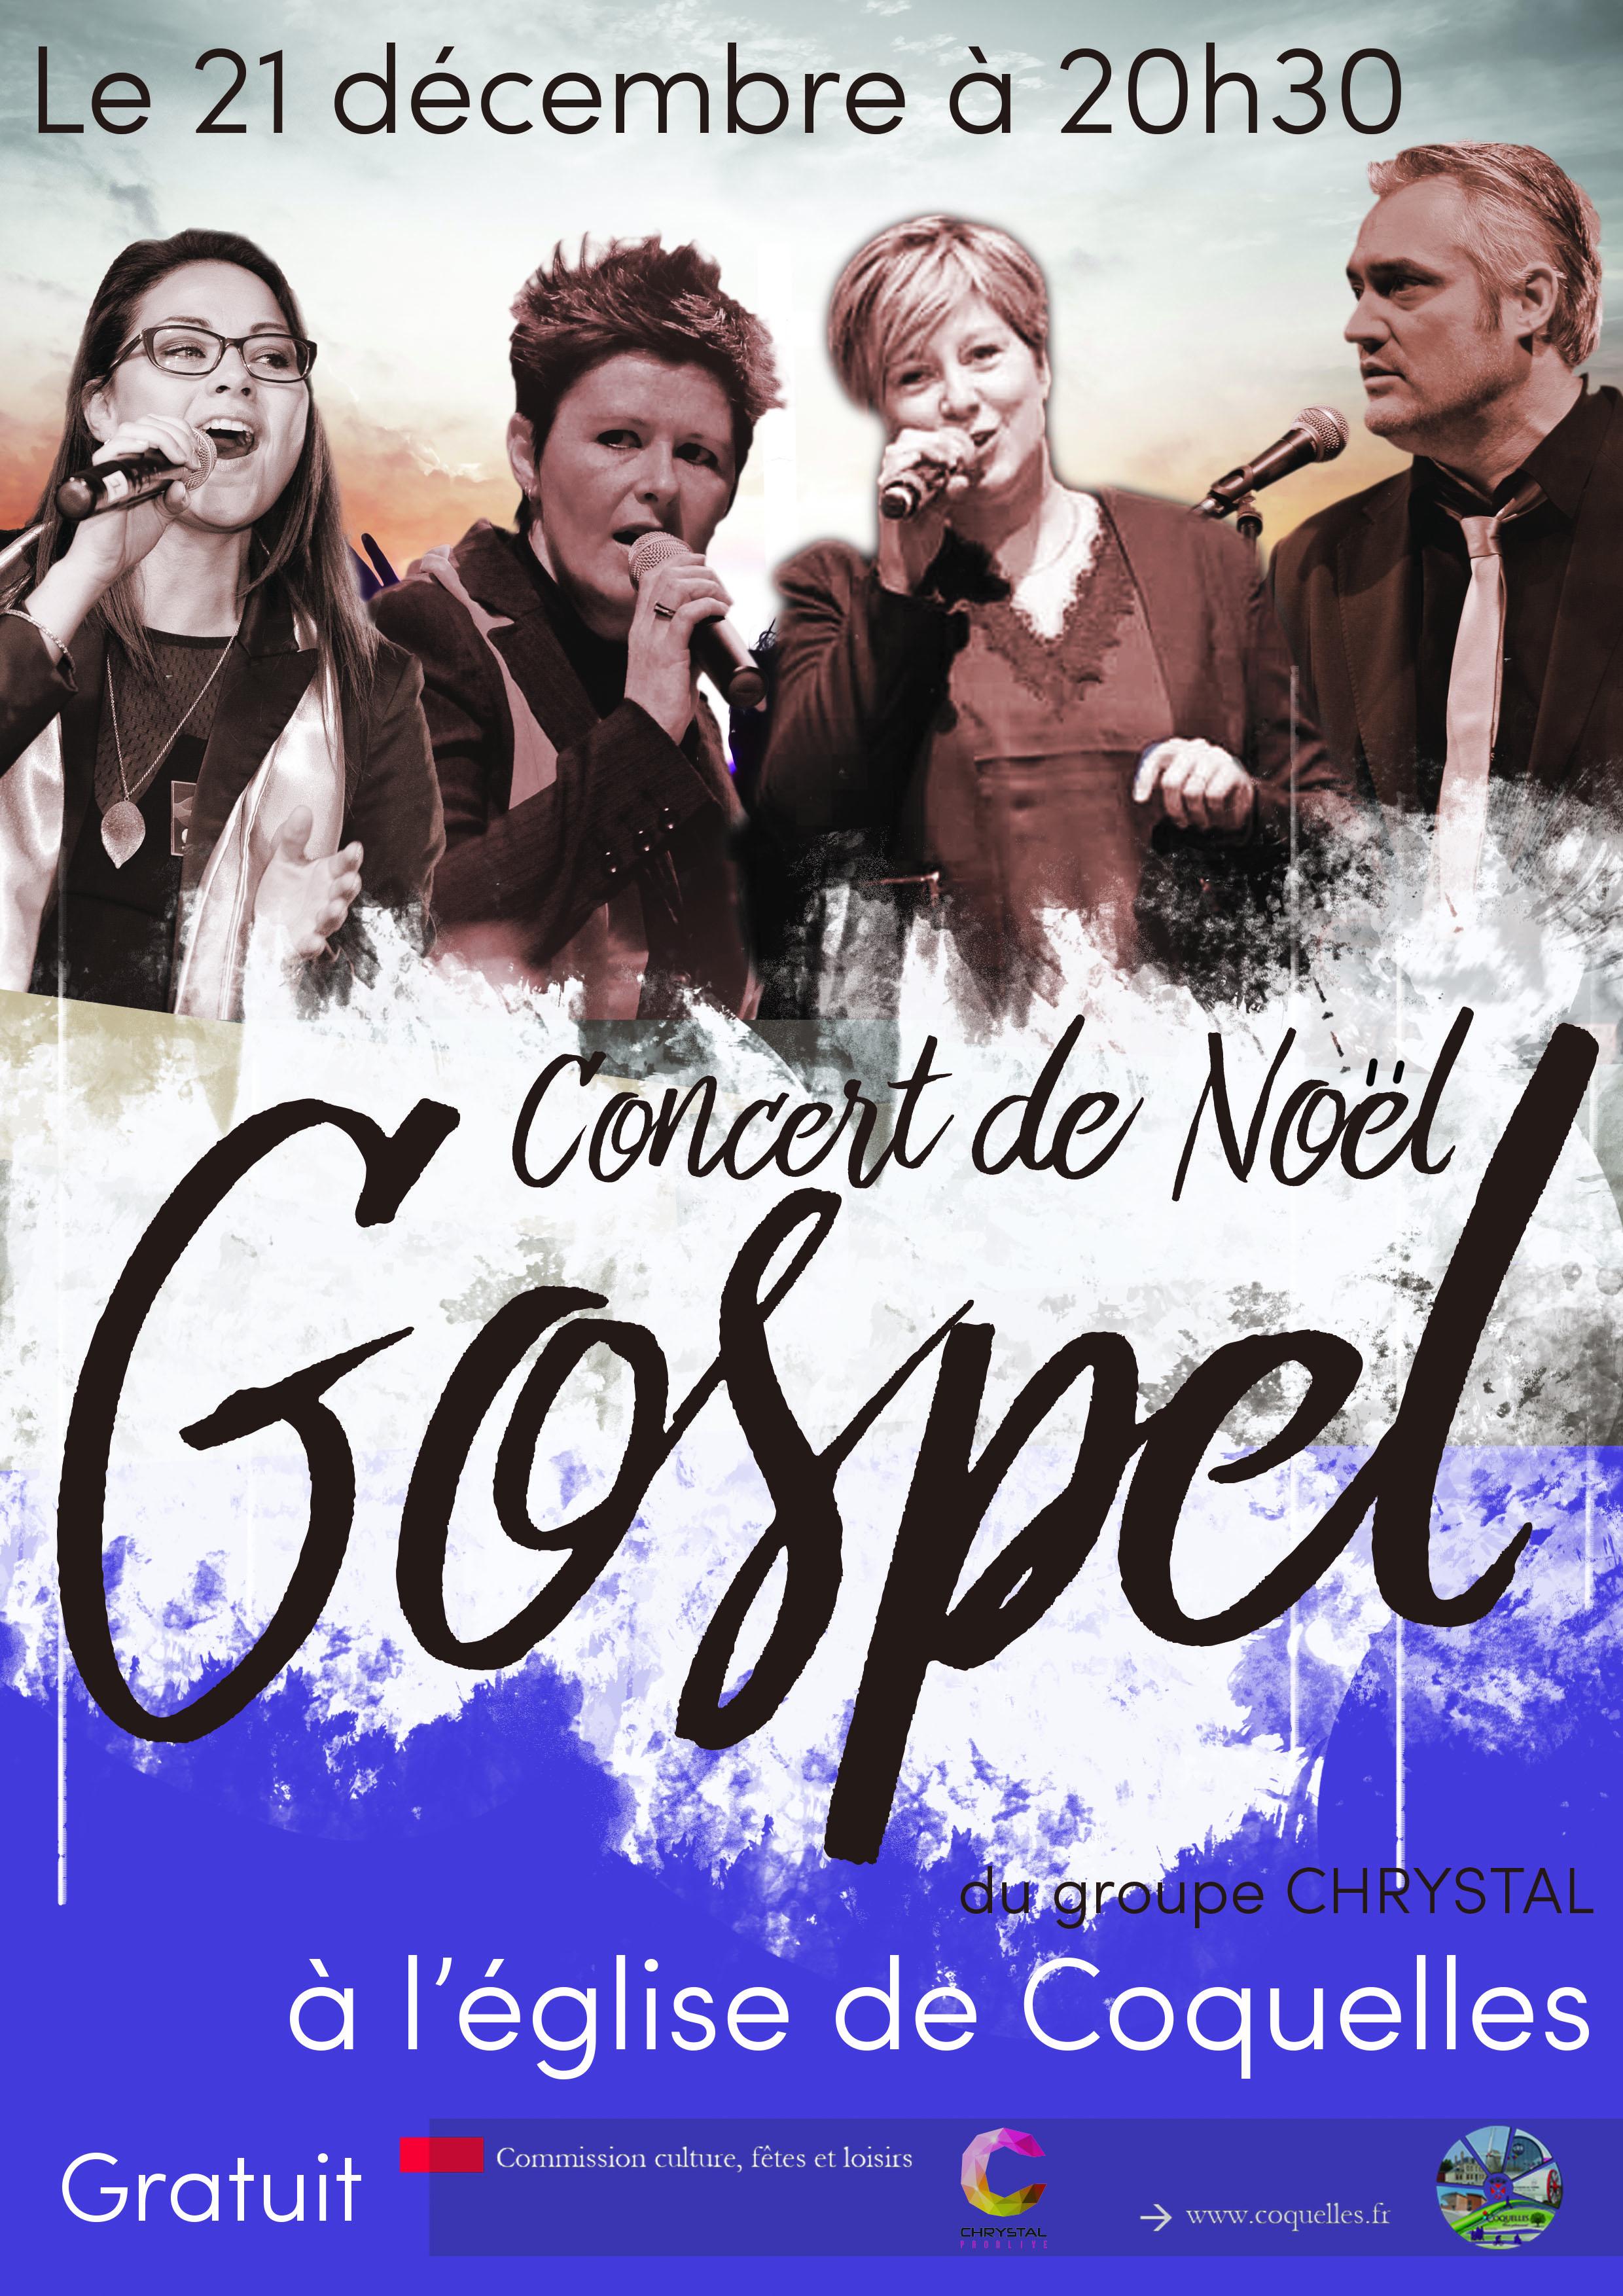 Concert Gospel de Noël